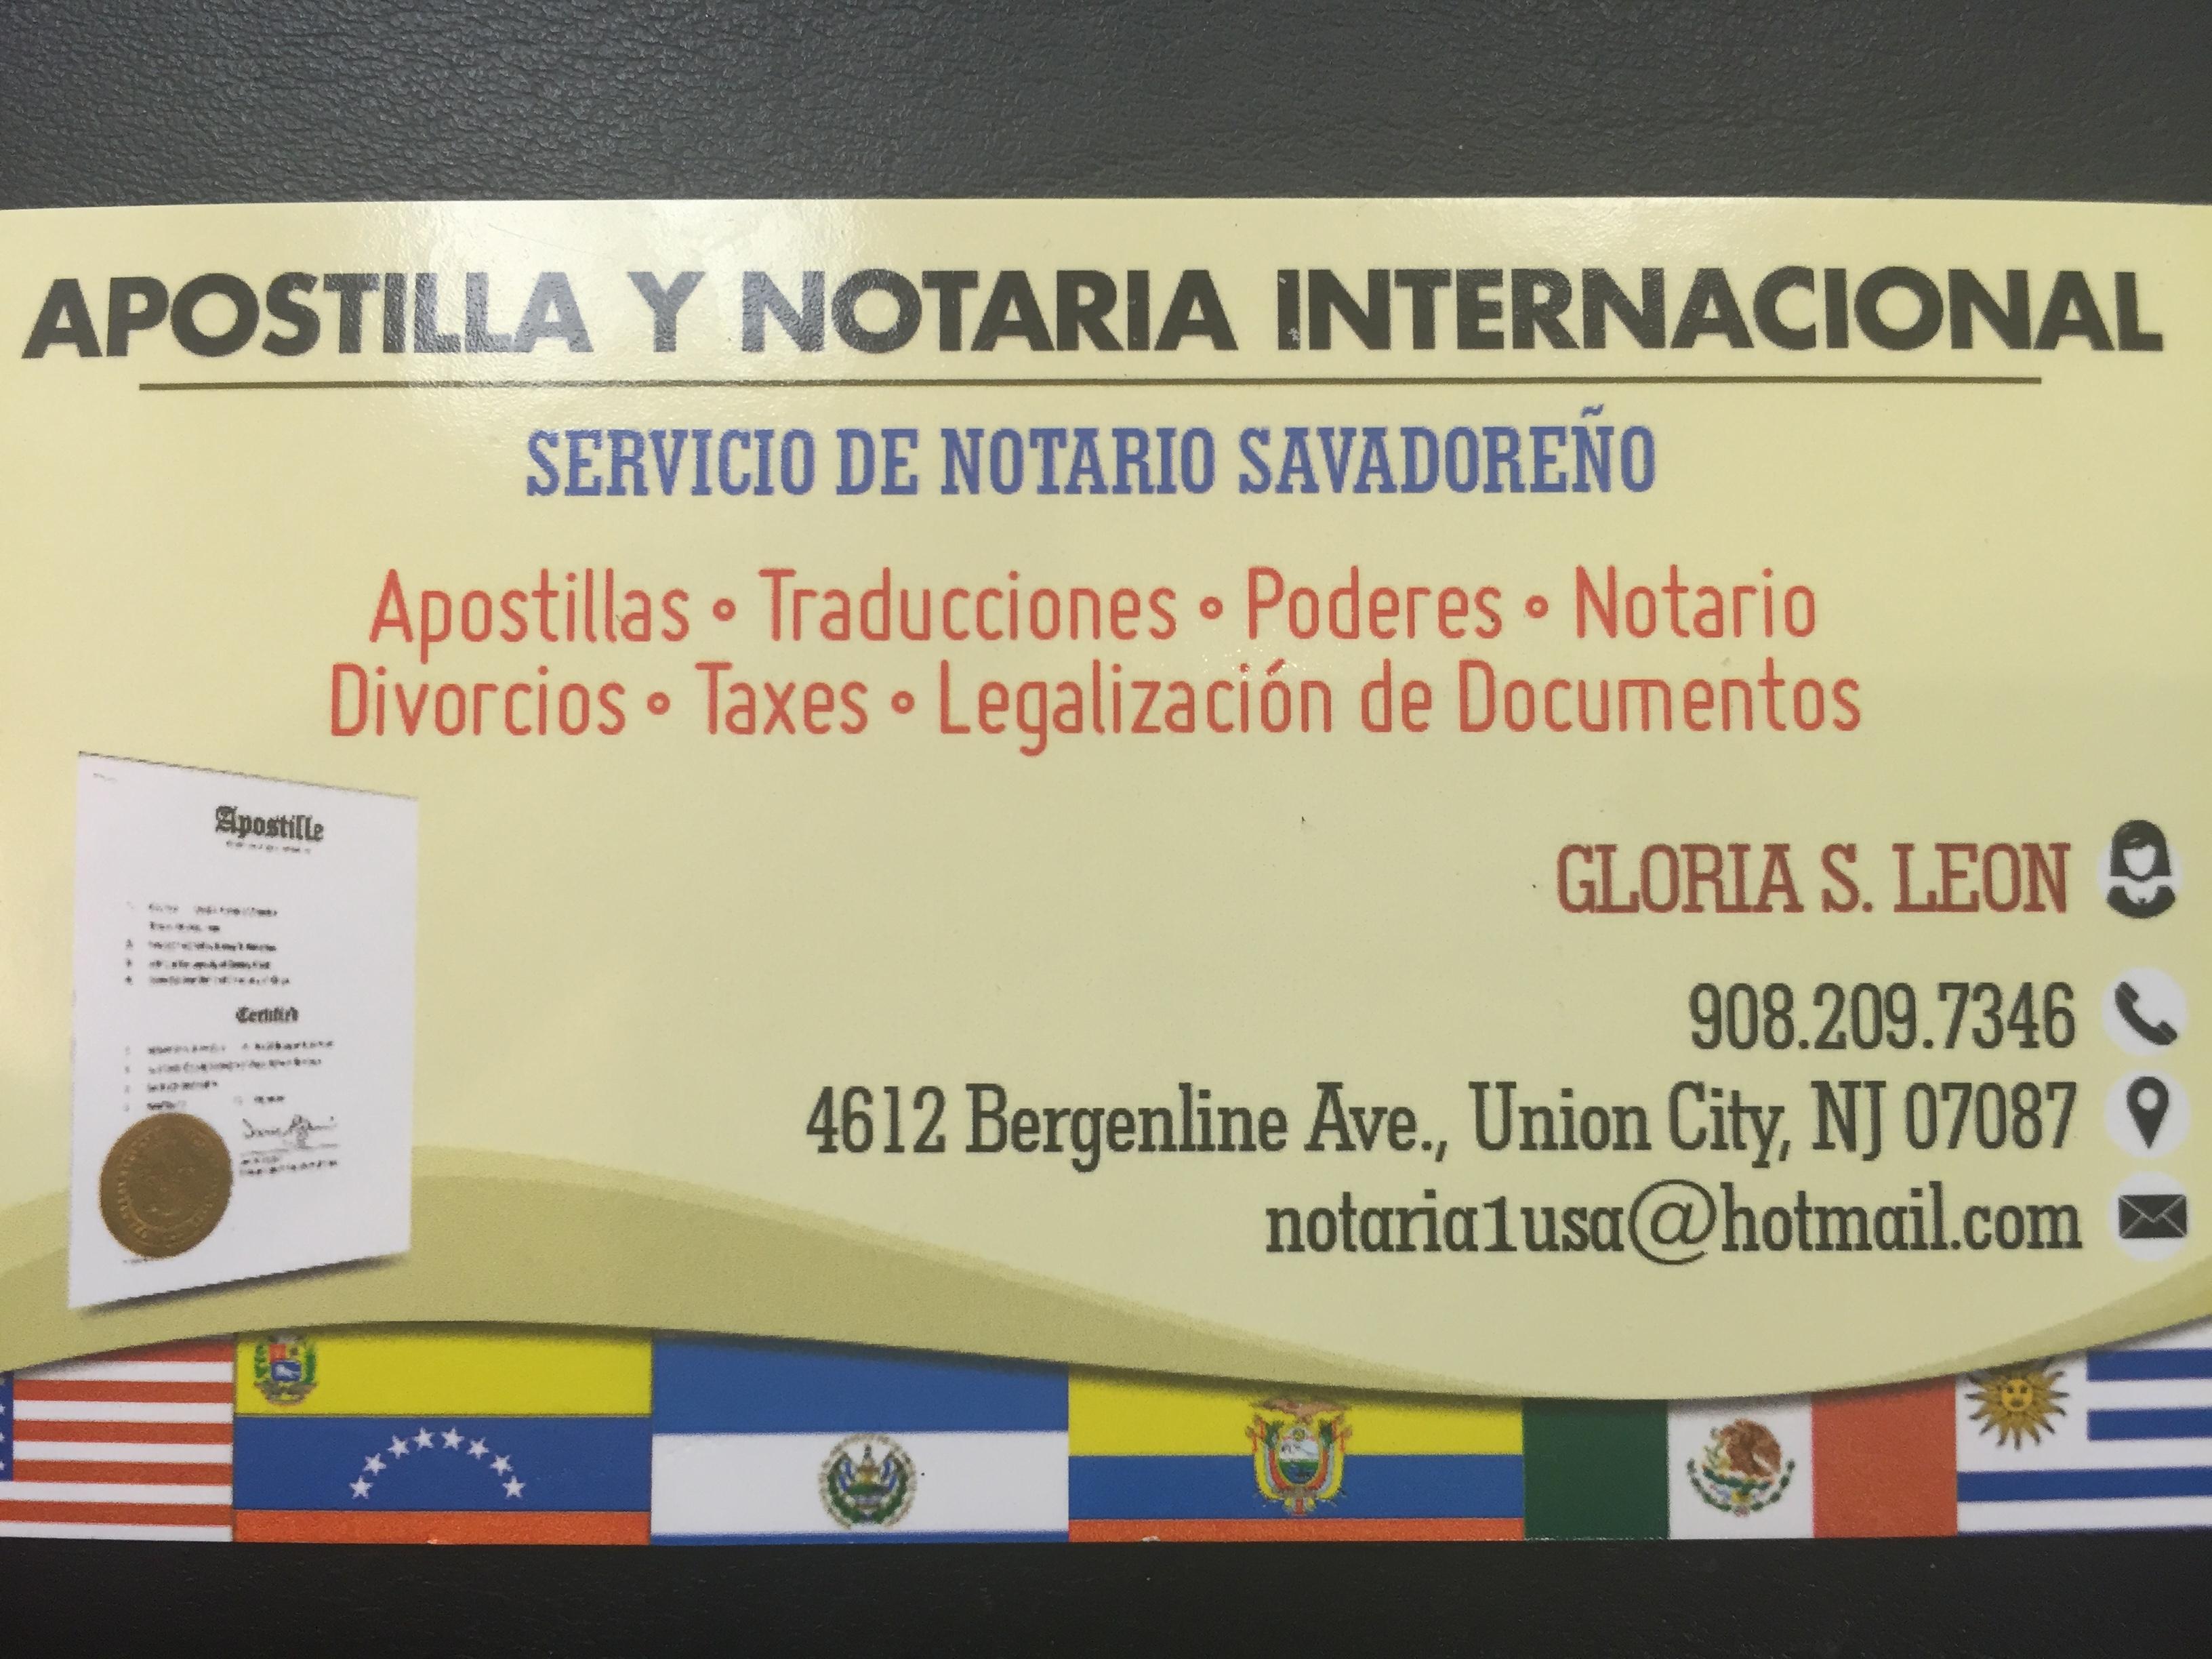 Apostilla y notaria internacional 4612 bergenline ave union city apostilla y notaria internacional reheart Images